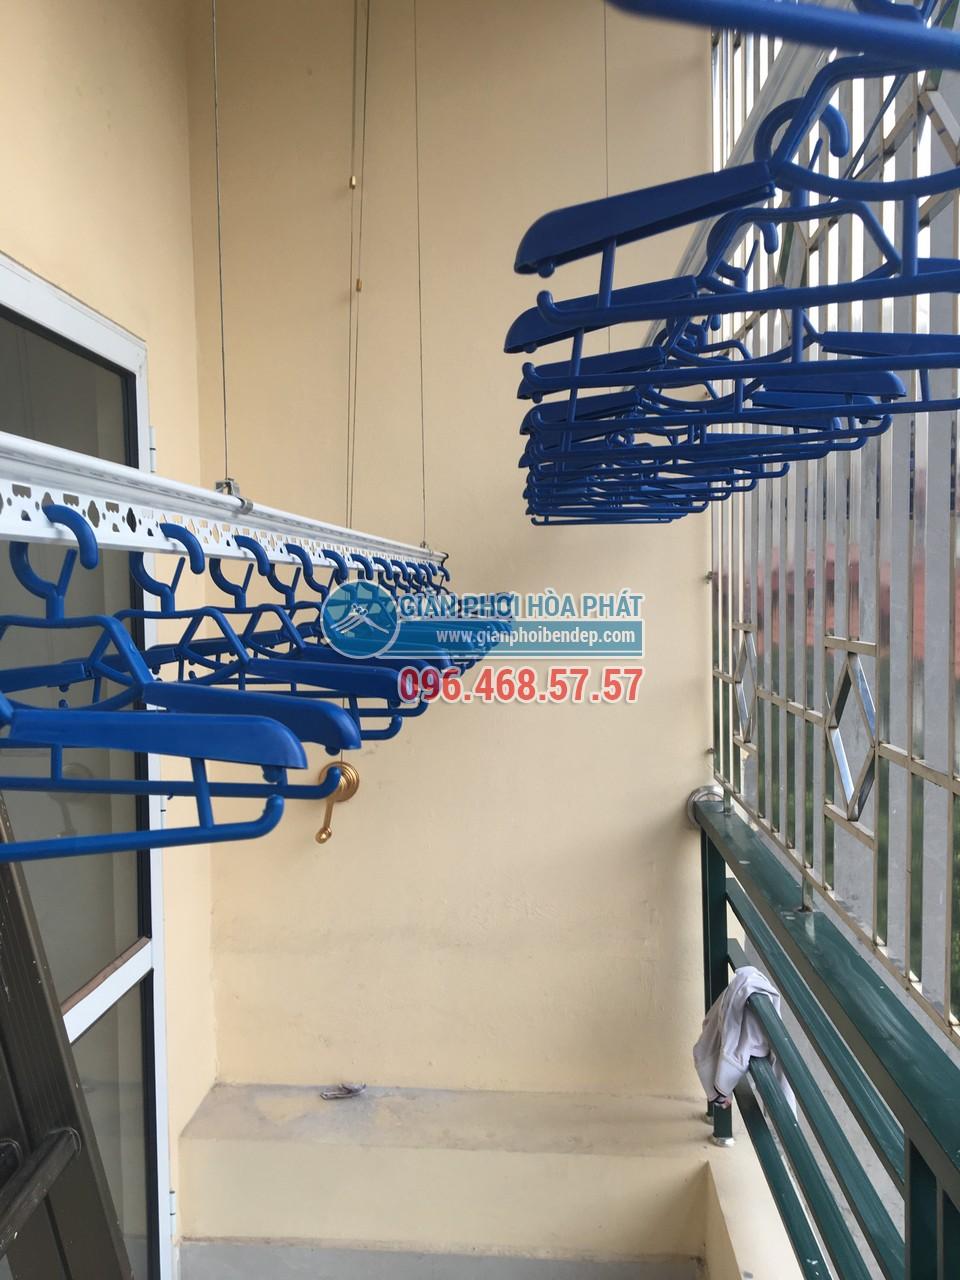 Lắp đặt giàn phơi thông minh Hải Phòng giá rẻ, chính hãng Hòa Phát - 01